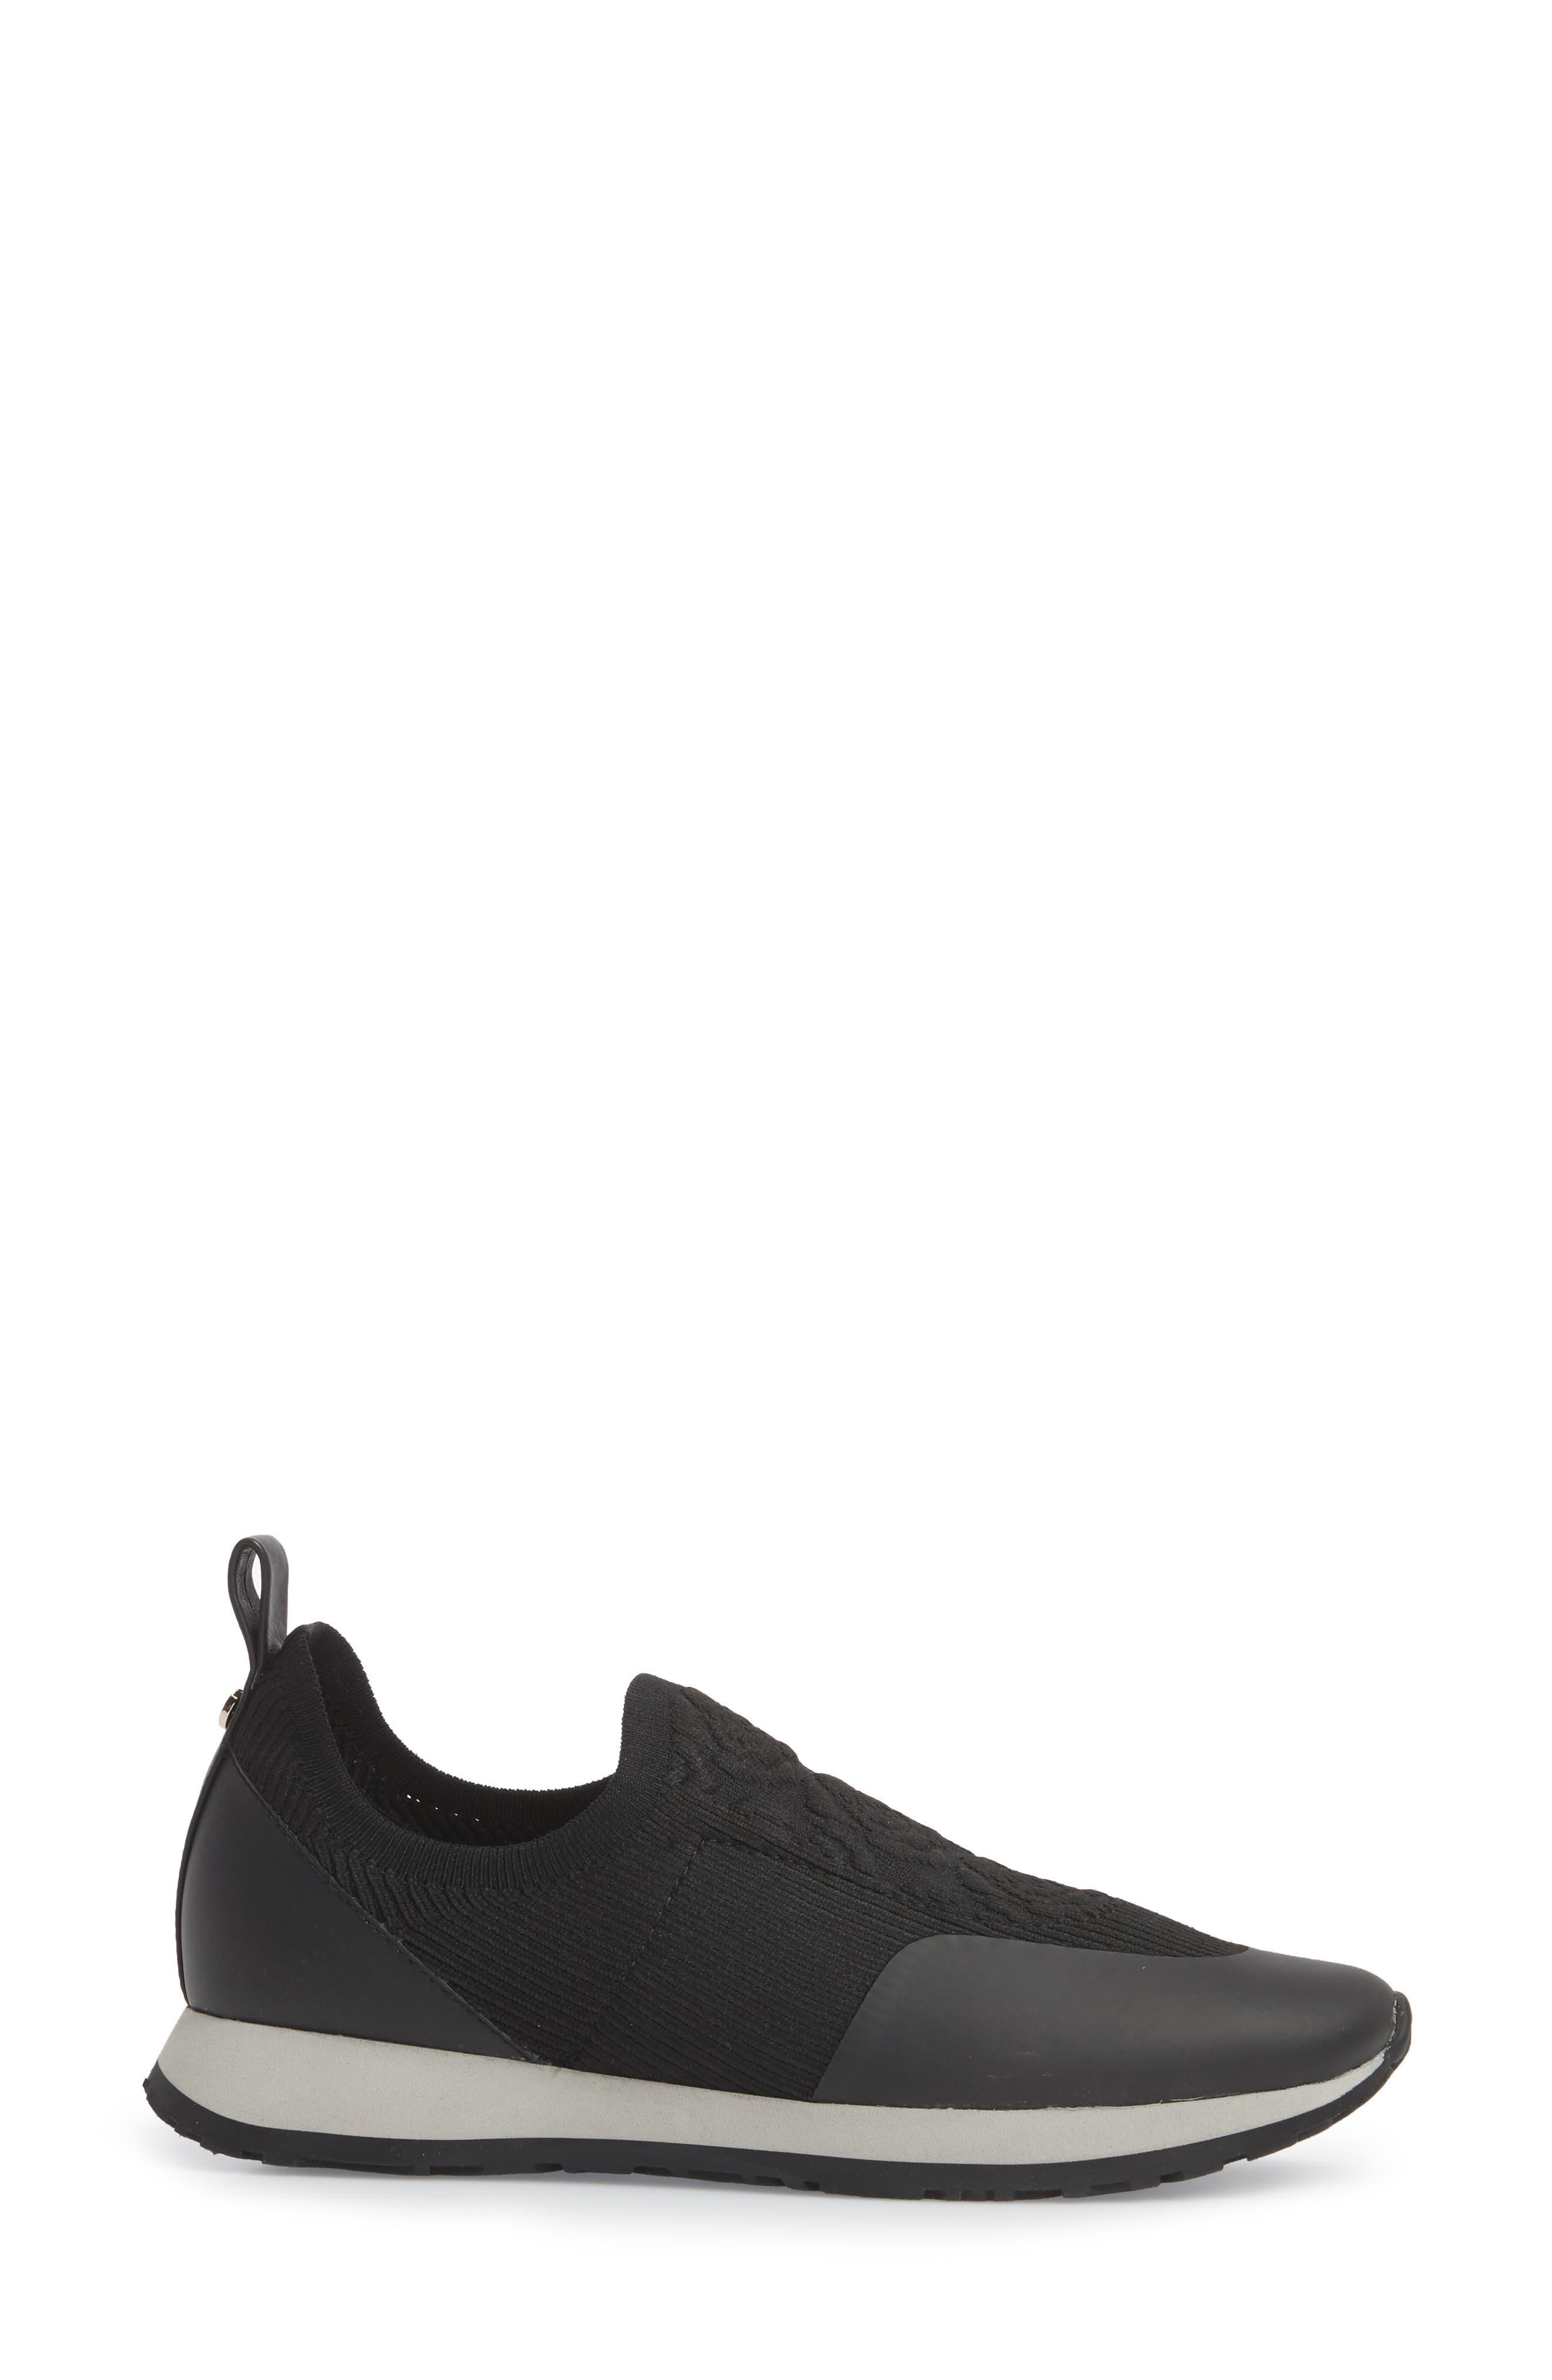 Cara Slip-On Sneaker,                             Alternate thumbnail 3, color,                             001